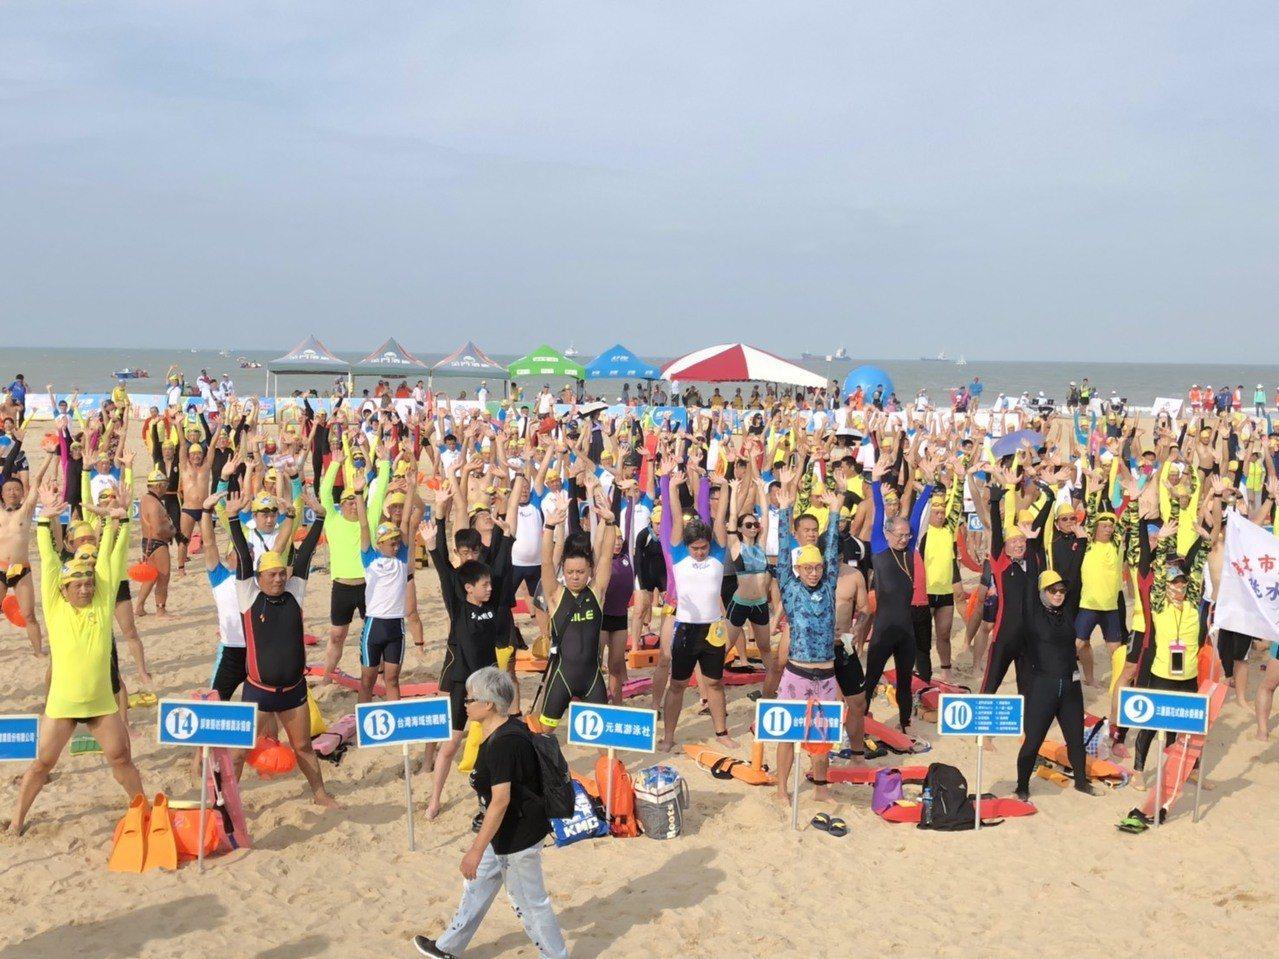 一年一度的「搶灘料羅灣海泳」活動,今天上午7點在料羅灣82據點海灘登場,選手跳暖...